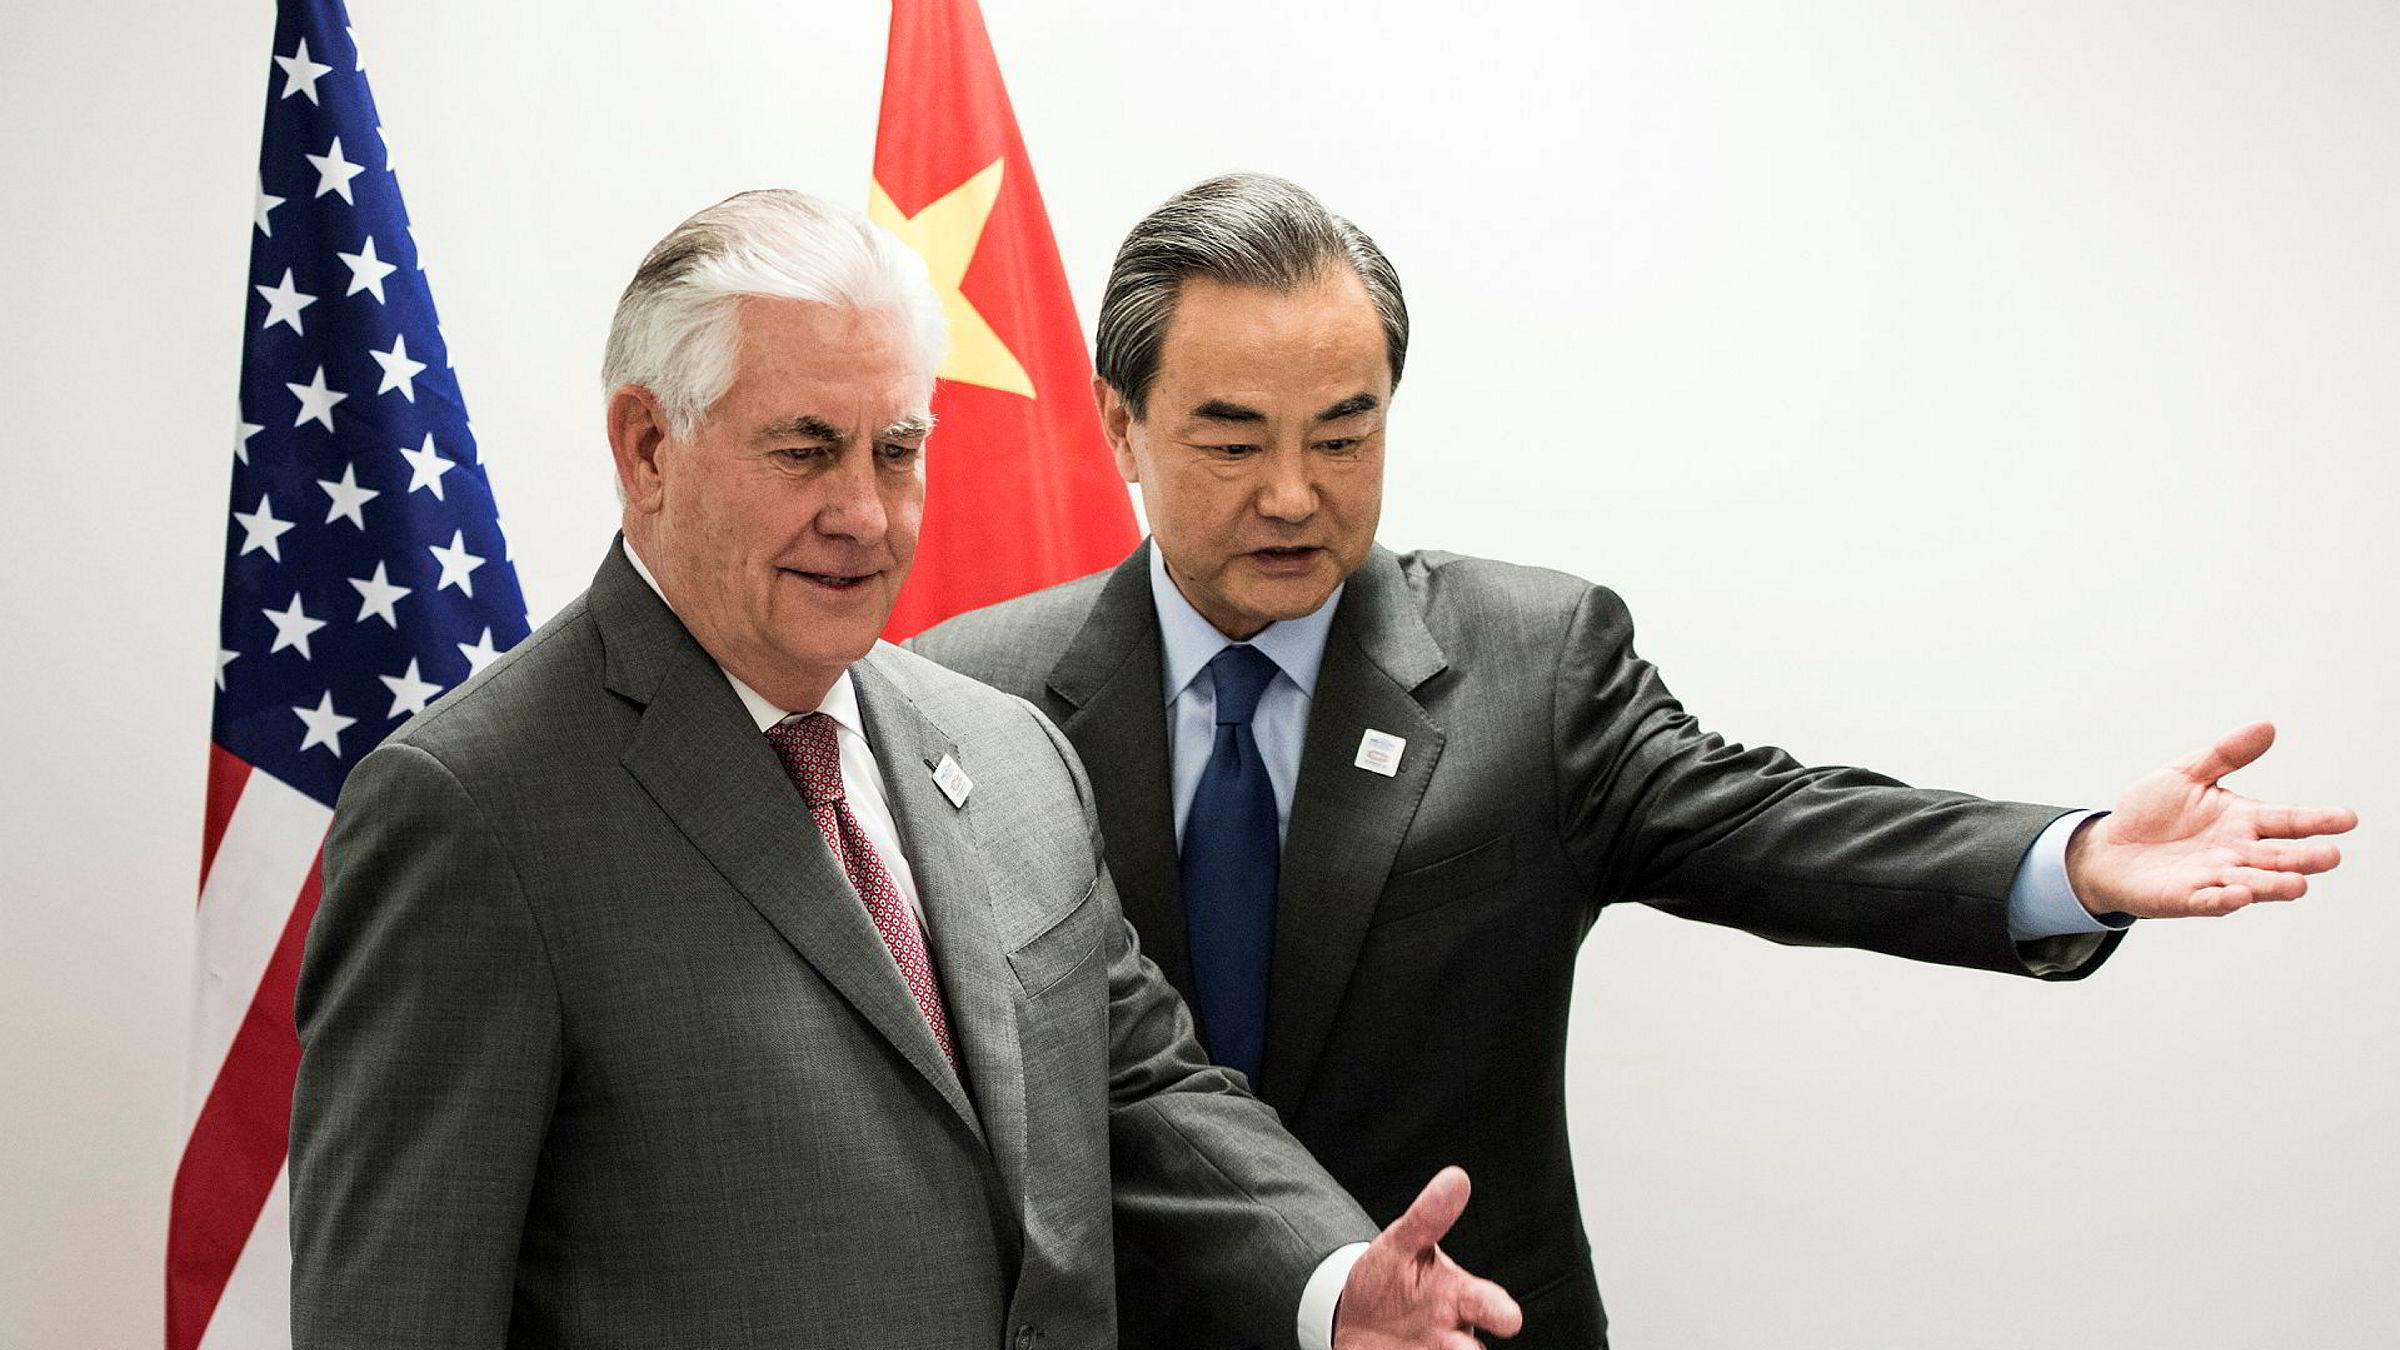 USAs utenriksminister Rex Tillerson og den kinesiske utenriksministeren Wang Yi møtes i forbindelse med et G20-møte i Bonn fredag.